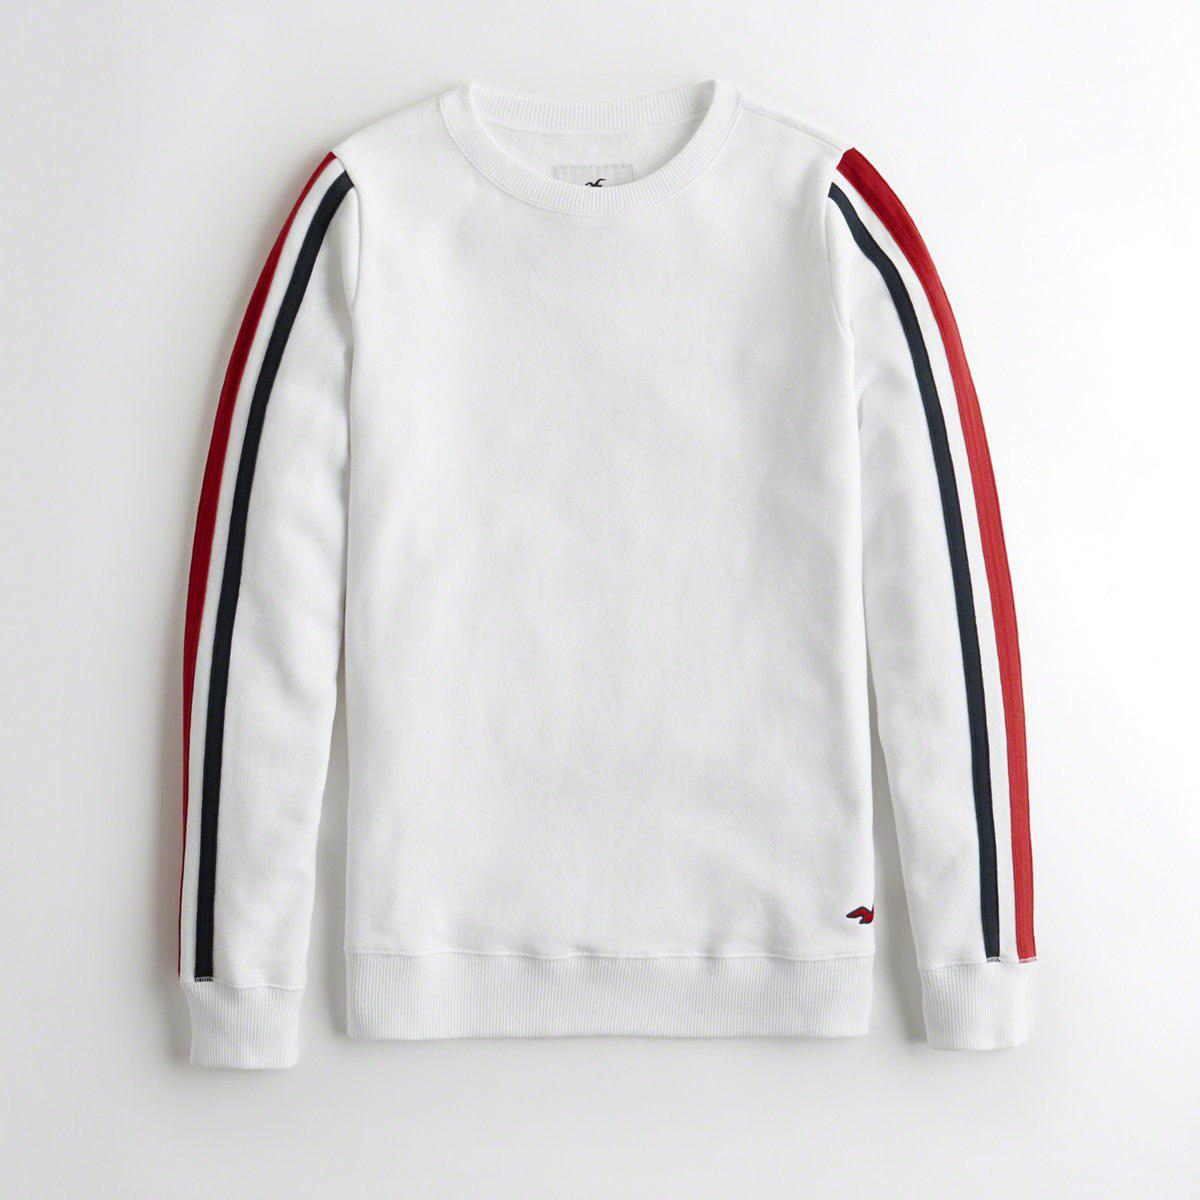 60d87b9e2 Hollister. Women's White Girls Oversized Crewneck Sweatshirt From Hollister